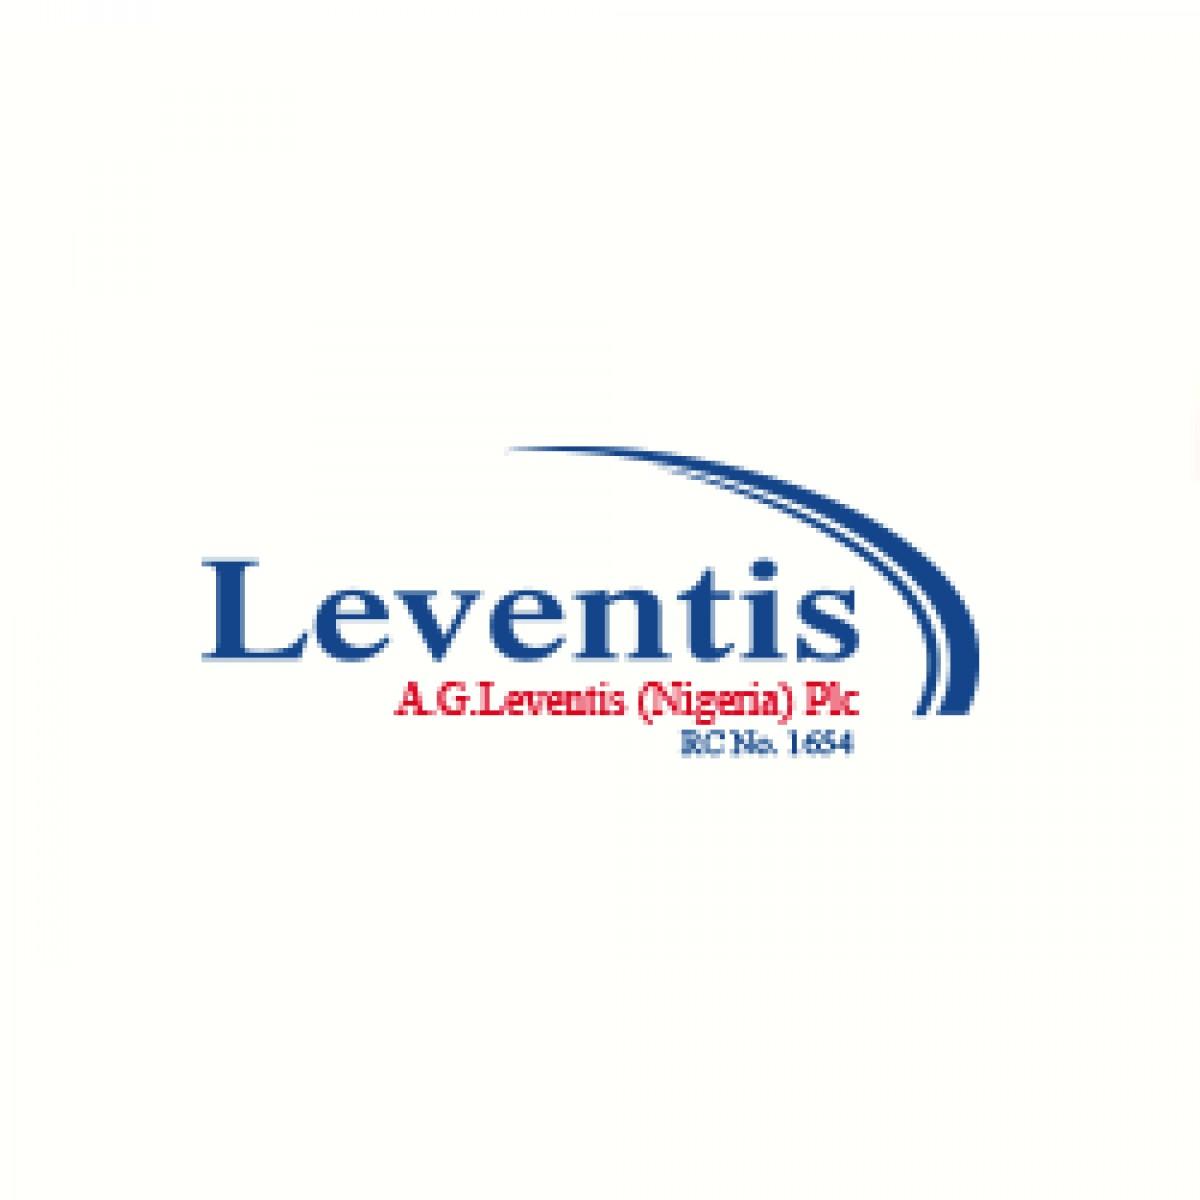 ag-leventis